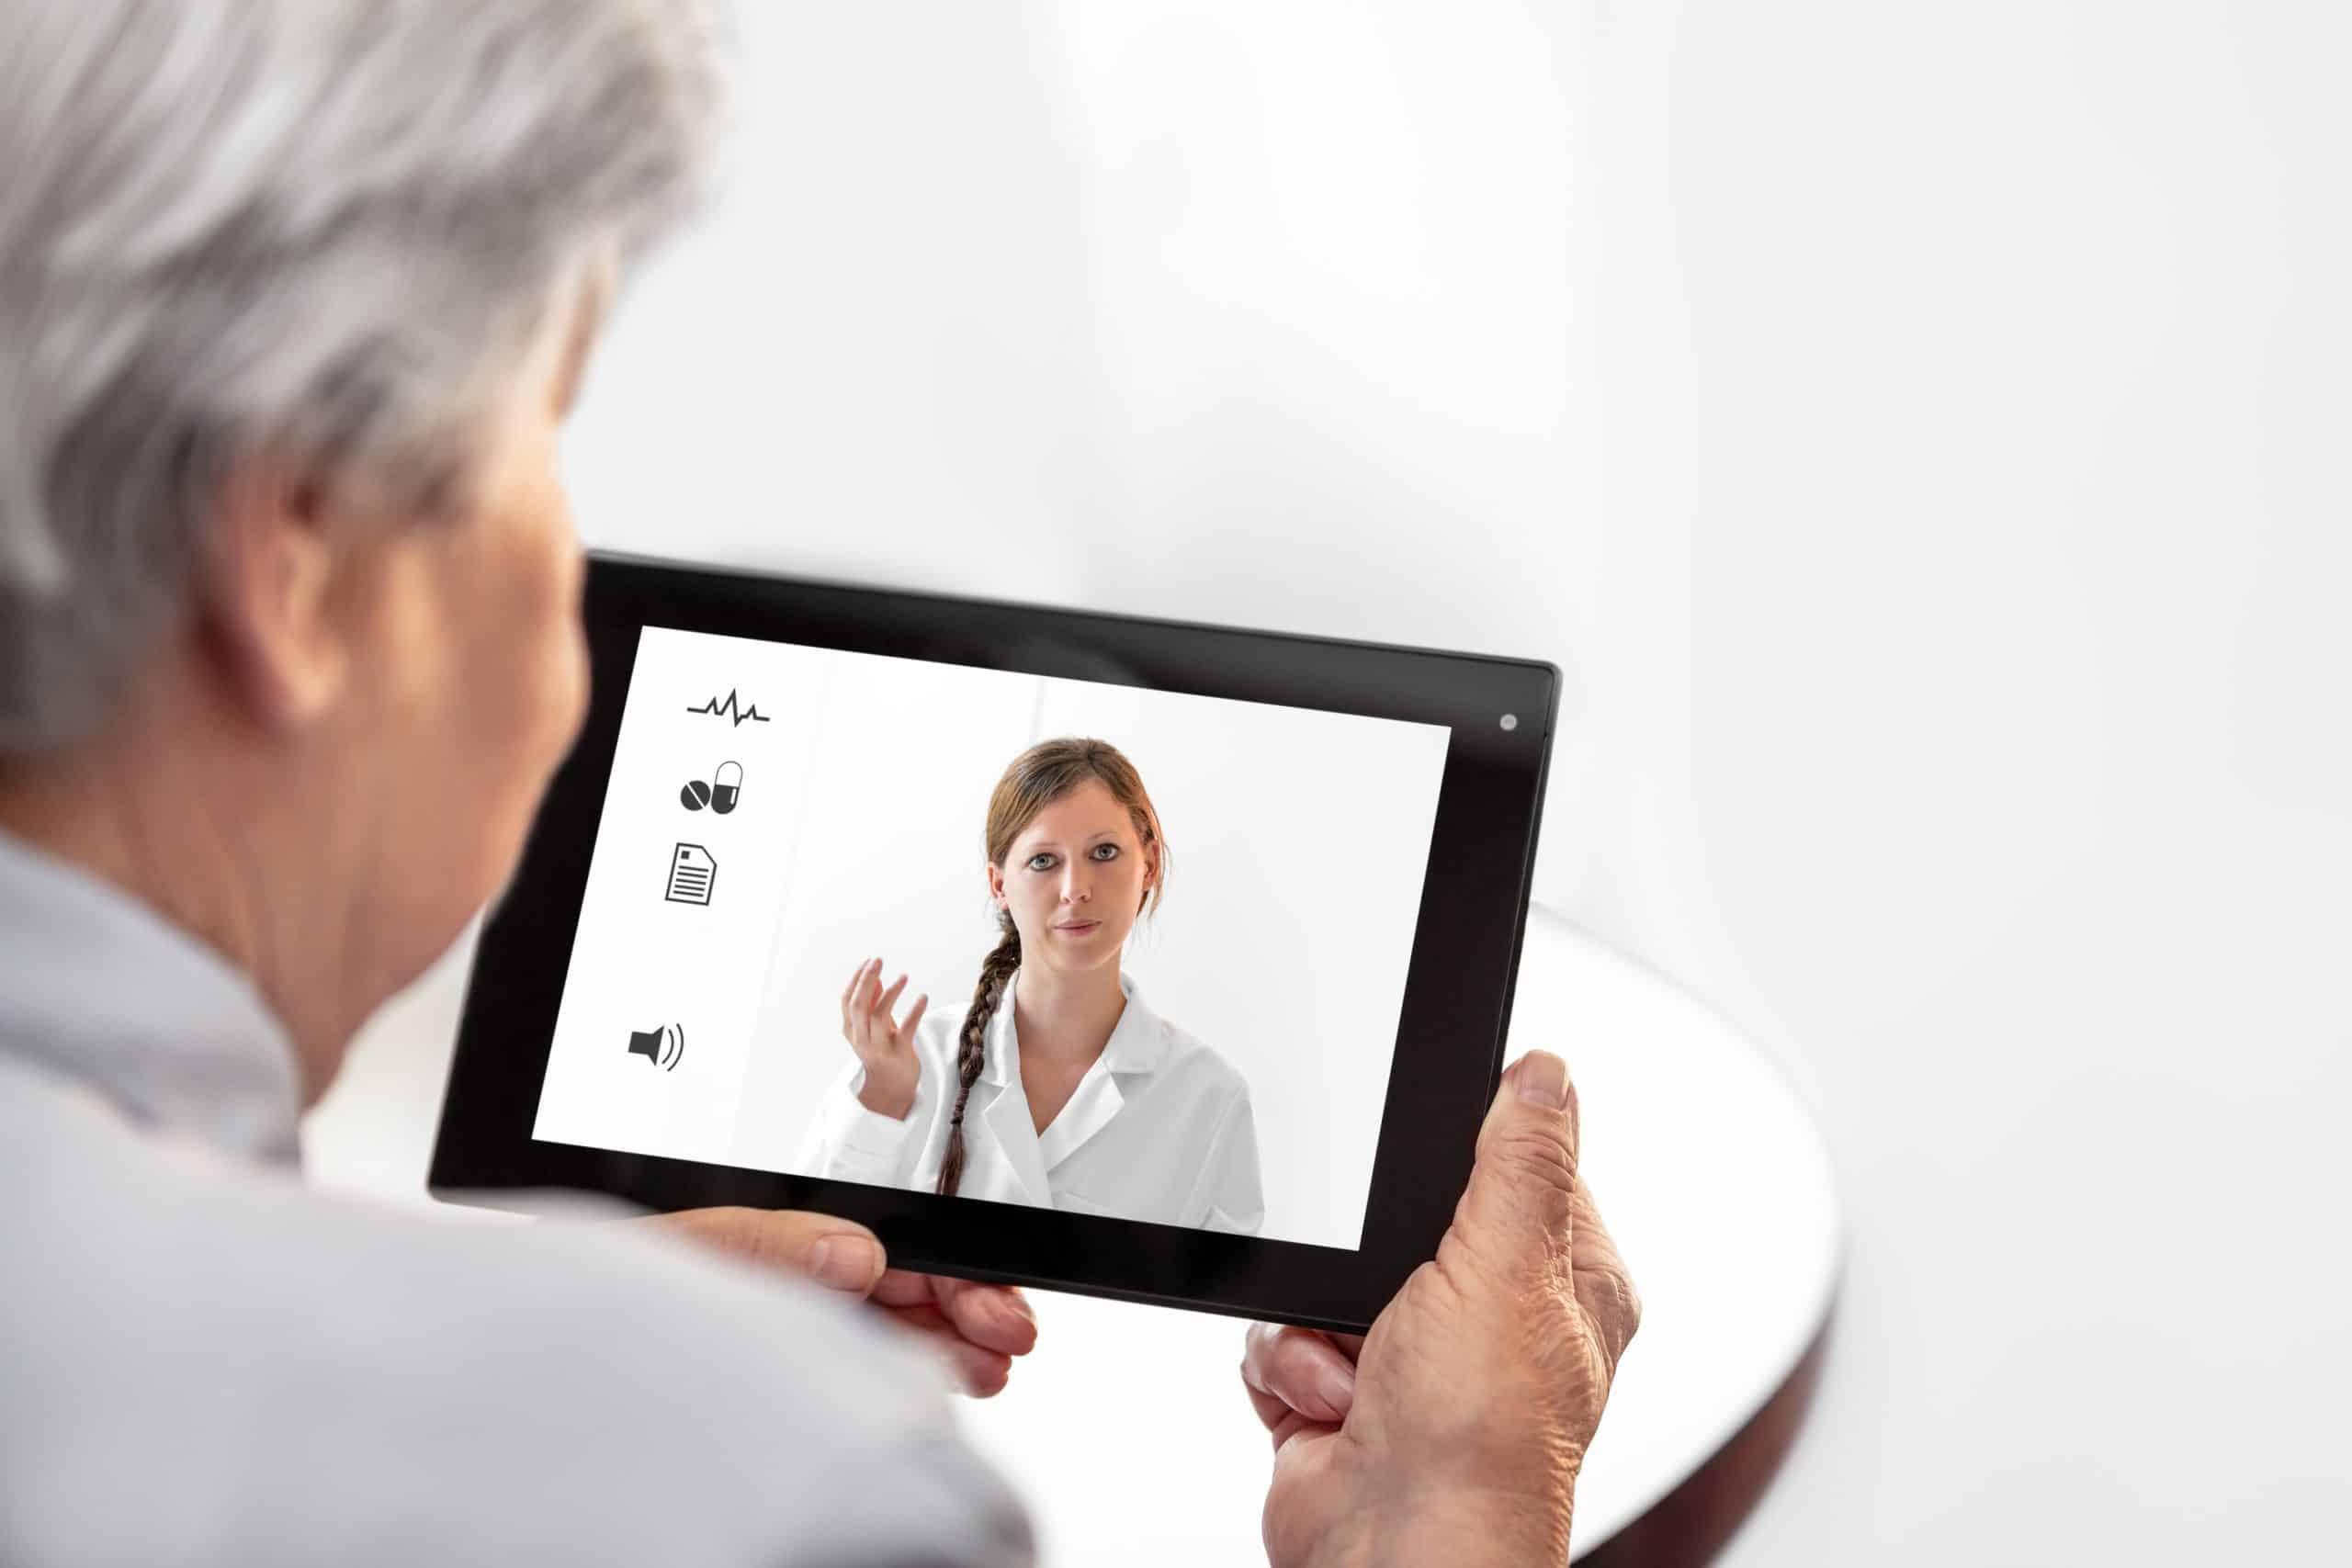 ortholive telemedicine use